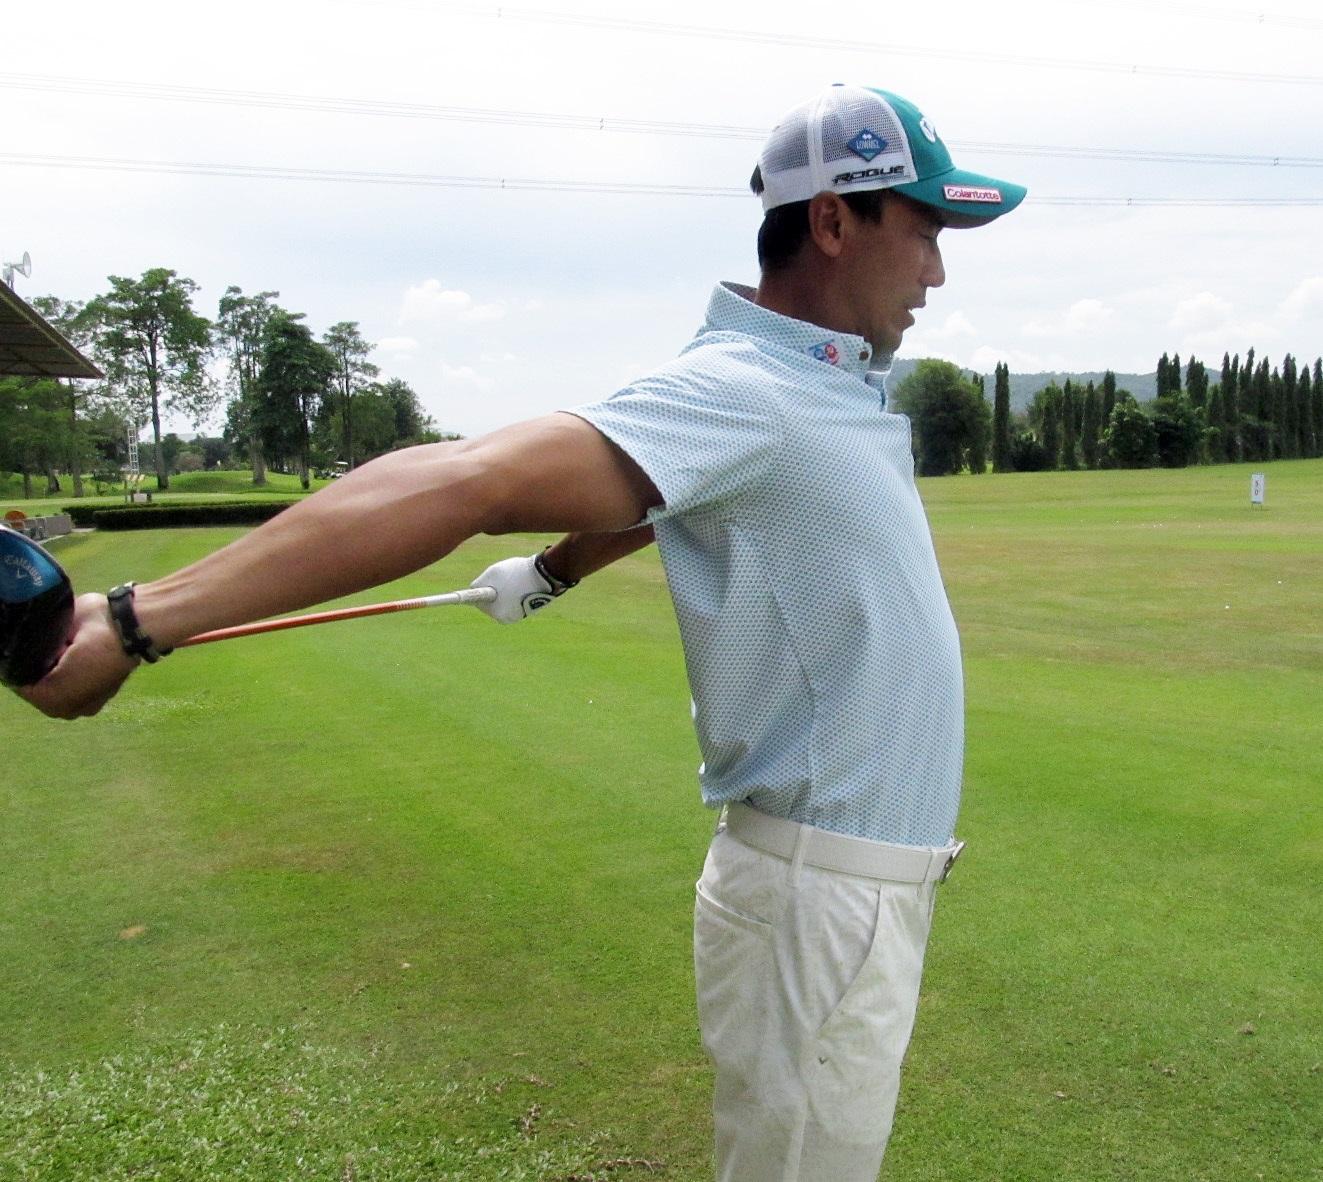 頭の上を通して、体の後ろ側に移動させると肩甲骨が左右に寄るのが分かる